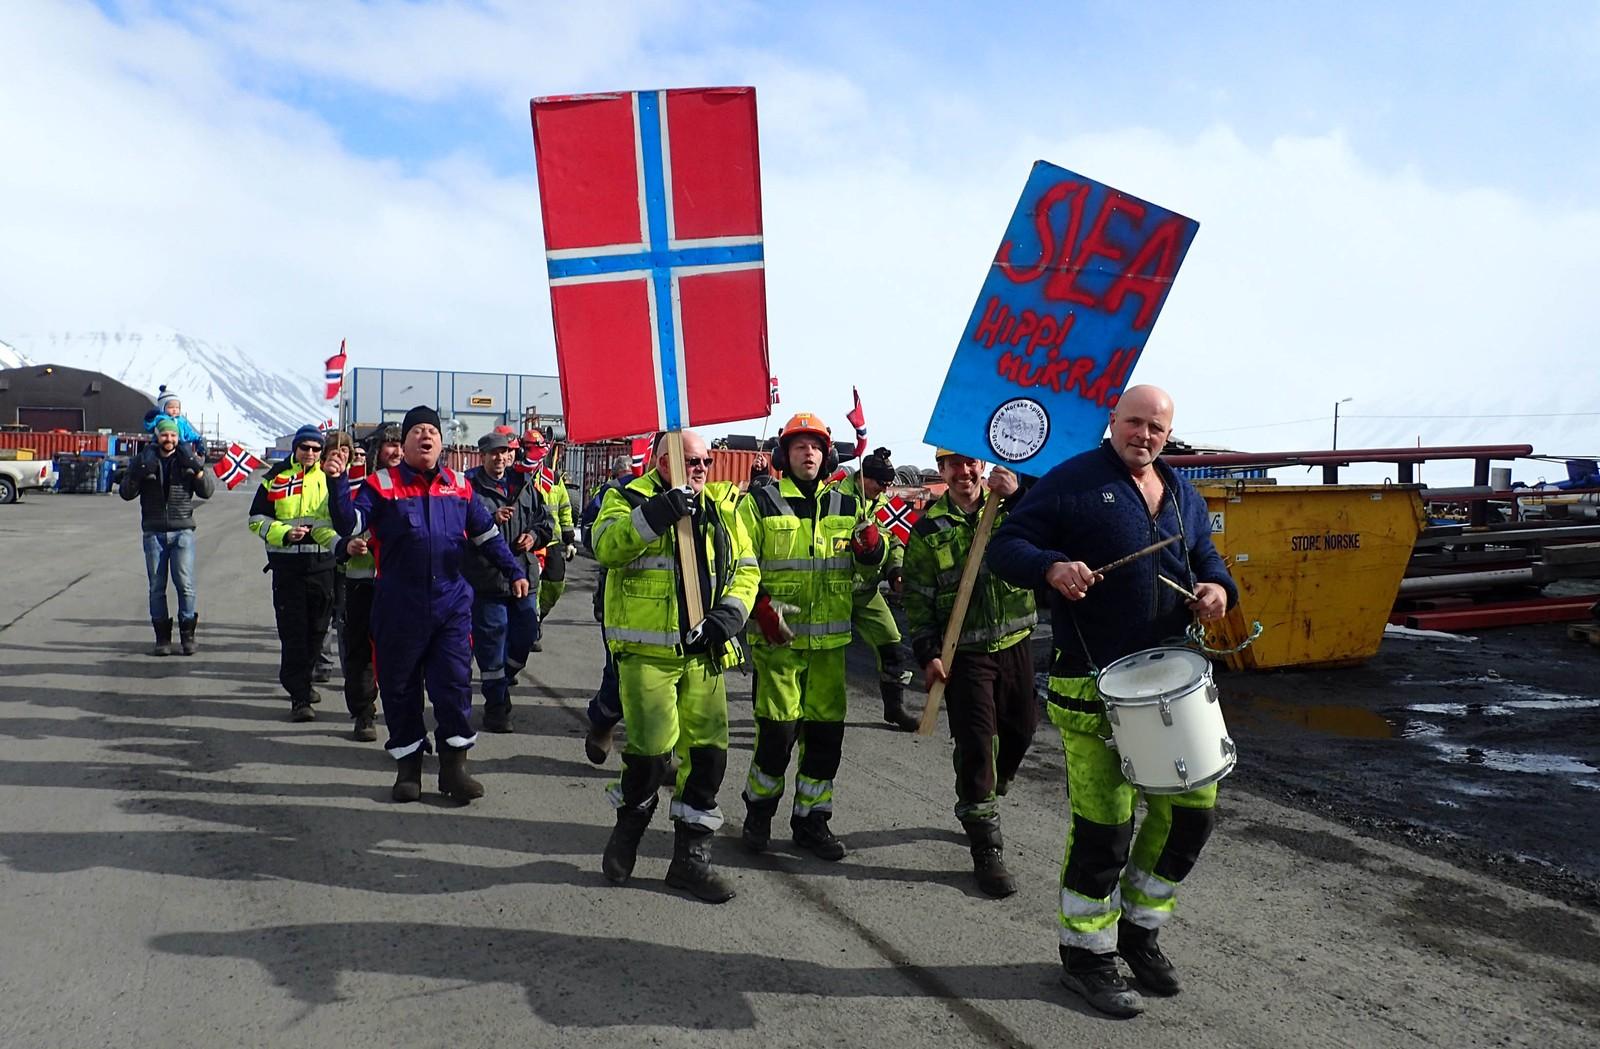 Arbeiderne i gruvesamfunnet Svea på Svalbard gikk også i borgertog i formiddag. – Vi er i dag 42 personer på jobb i Sveagruva, og mer enn 30 stilte opp for en times pause i arbeidsdagen med borgertog og pølsegrilling. Gratulerer med dagen fra nord, skriver Linda Bakken, operativ leder AFIS i Store Norske Spitsbergen Kulkompani, om dette bildet.